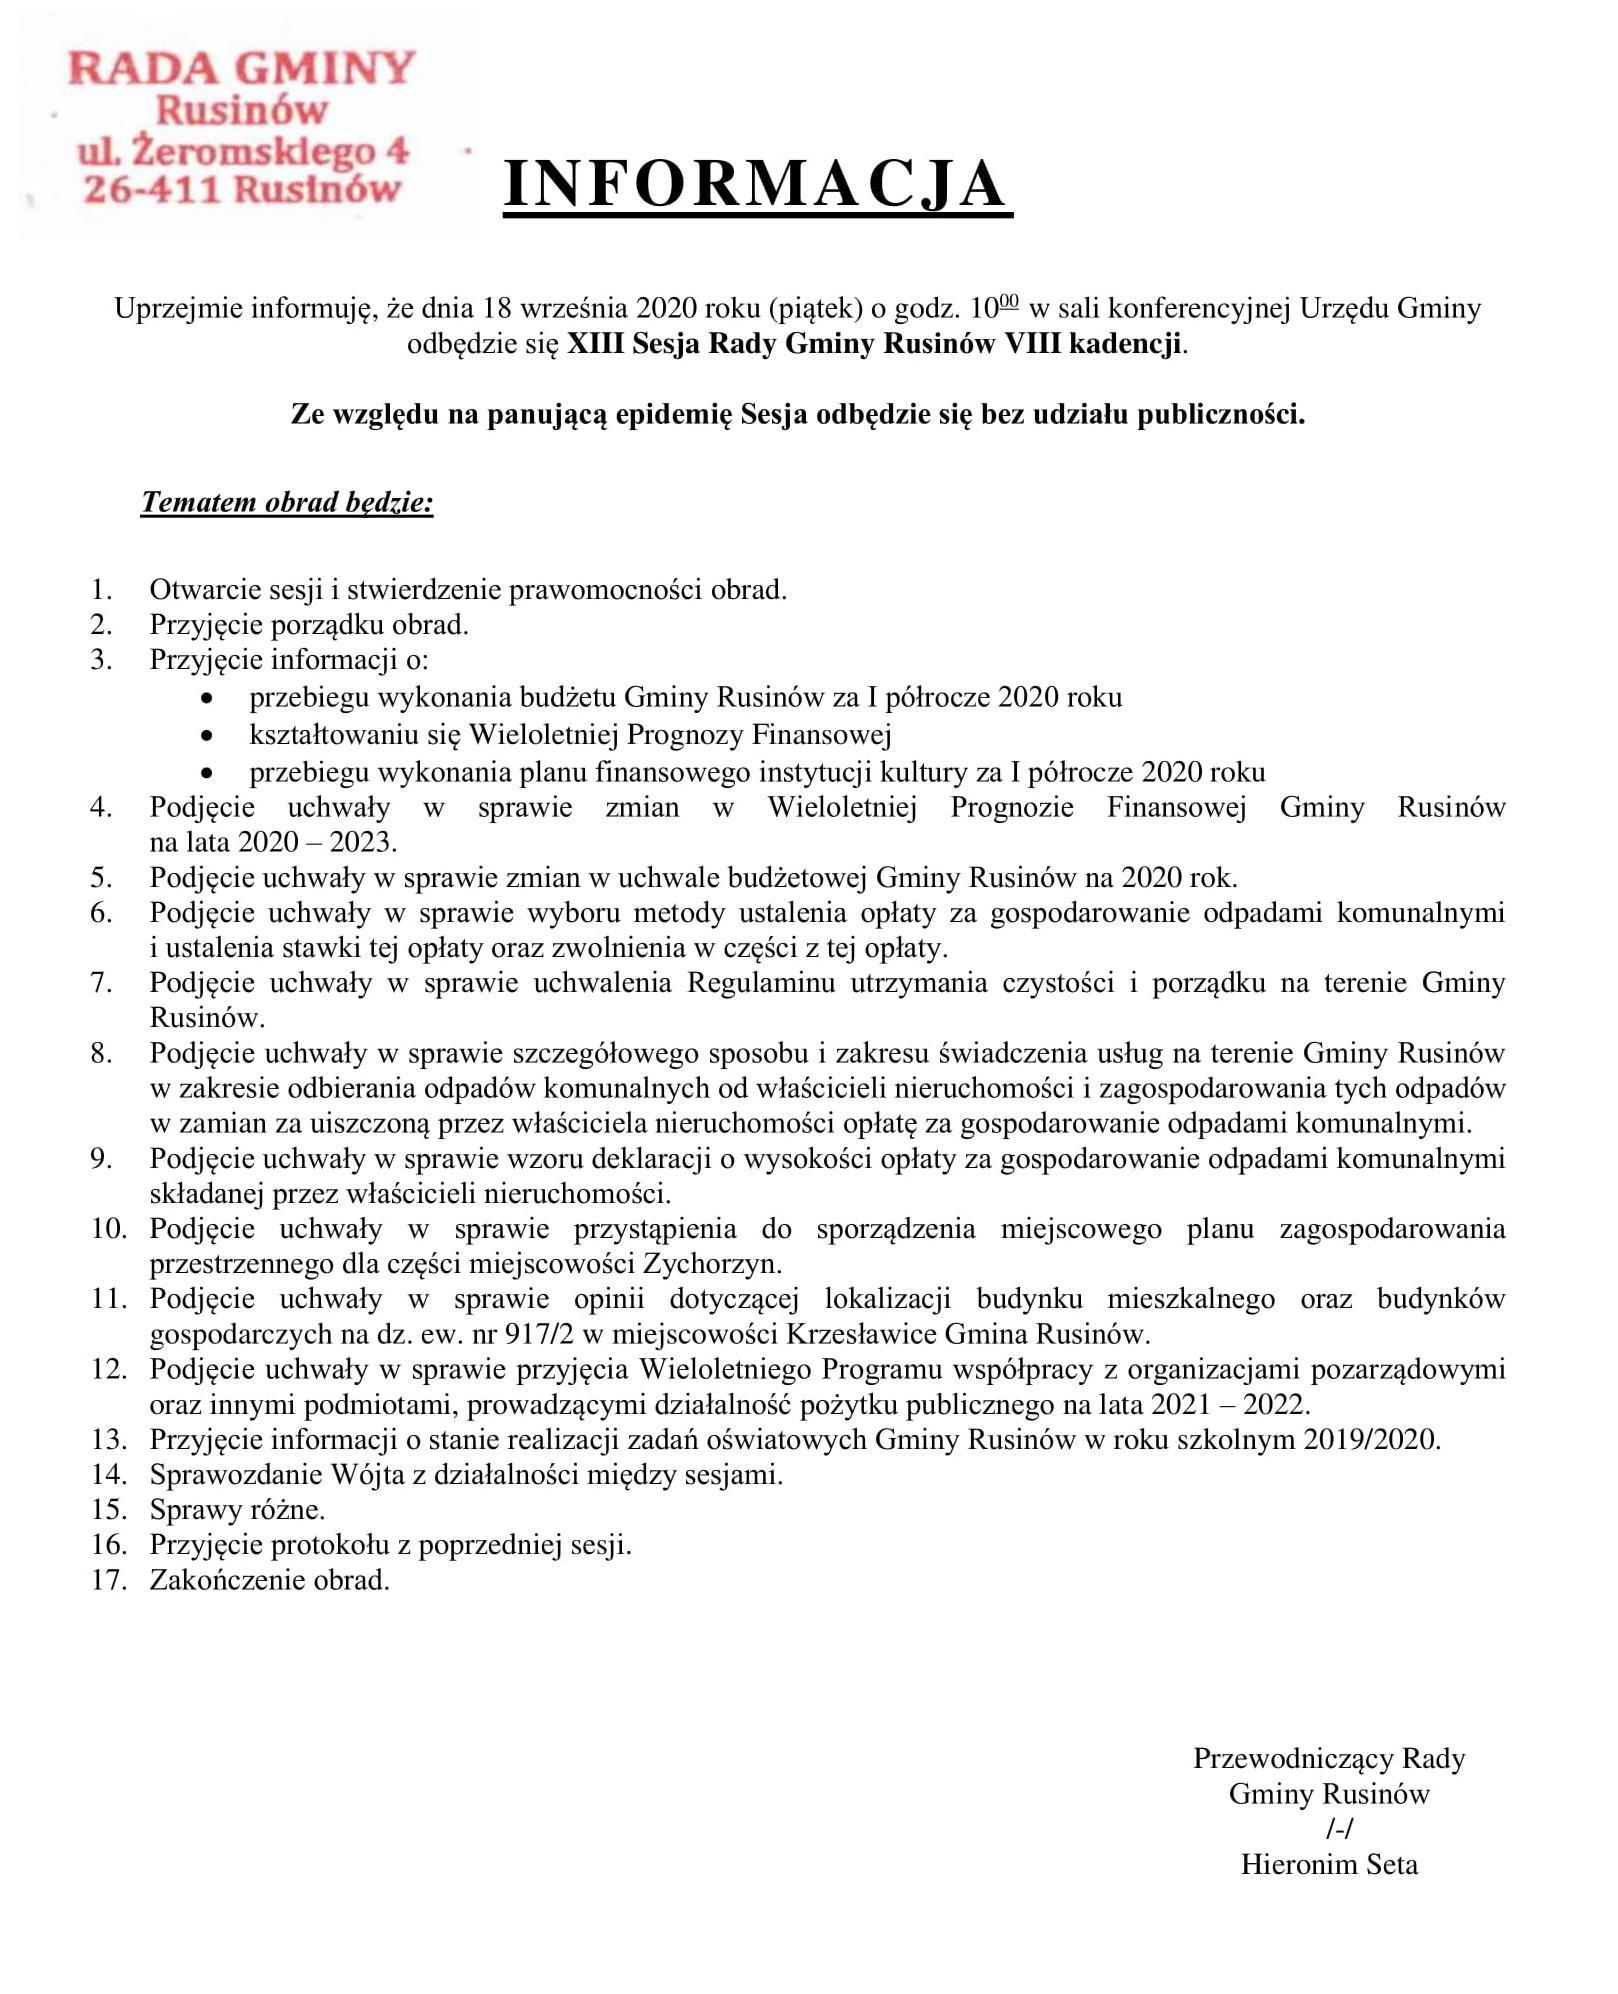 Informacja o XIII sesji Rady Gminy Rusinów VIII kadencji